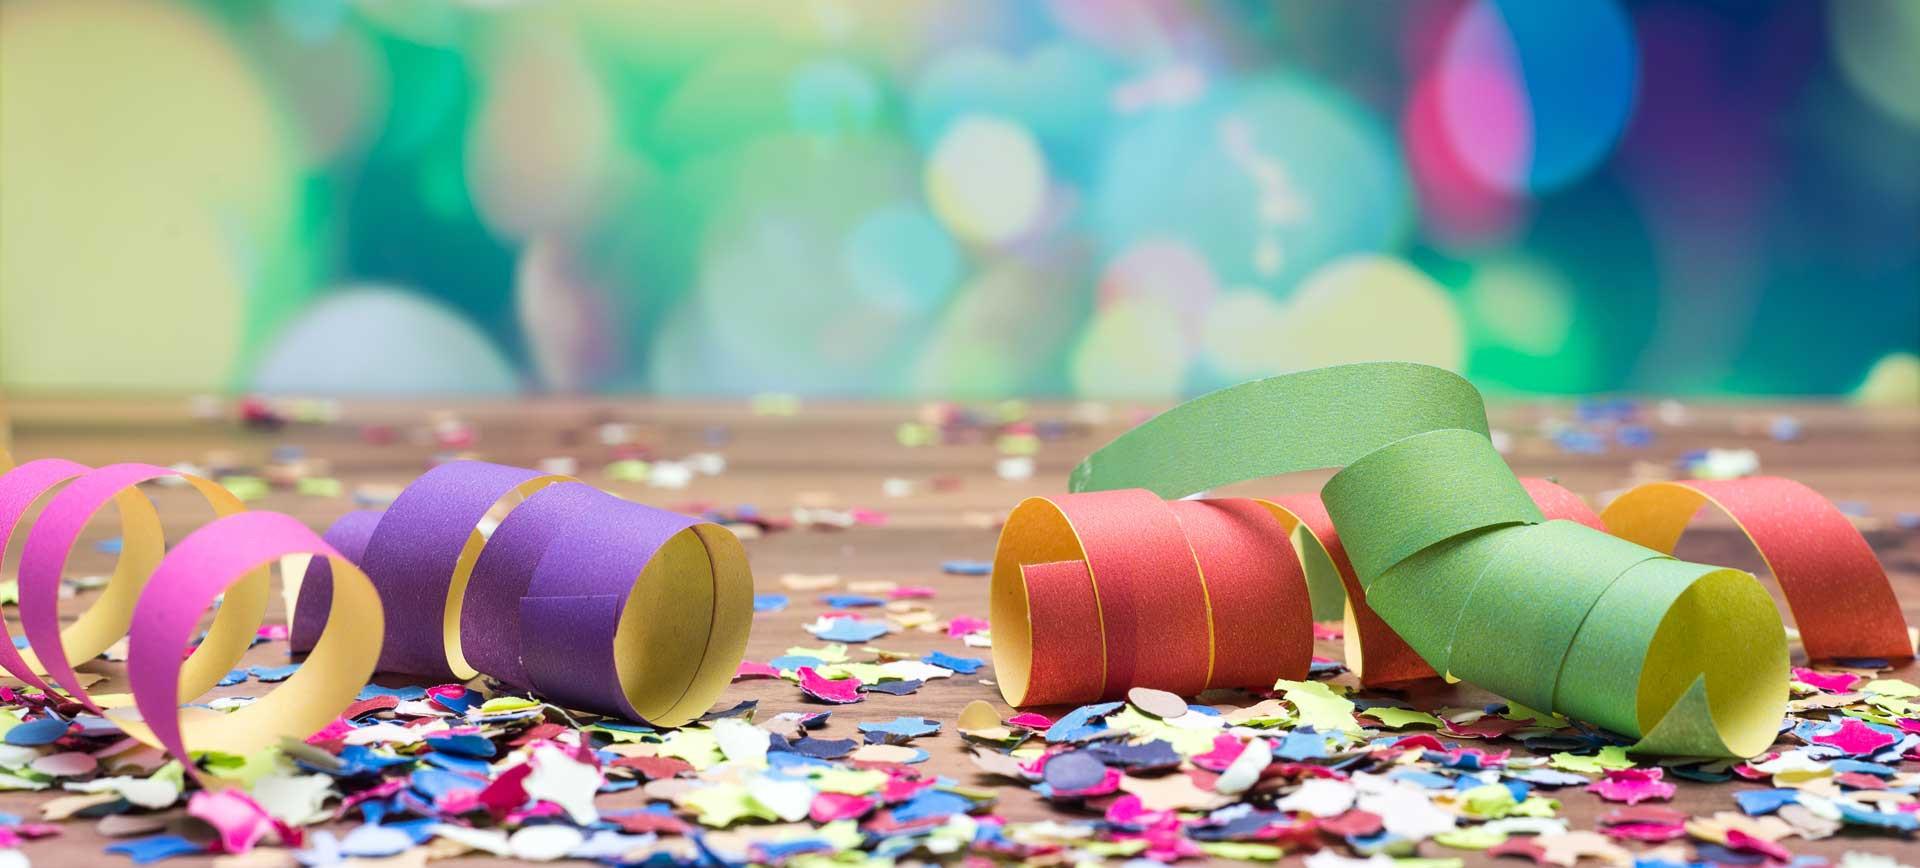 Geburtstagsfeier Ideen  Die besten Deko Ideen für Geburtstagsfeier